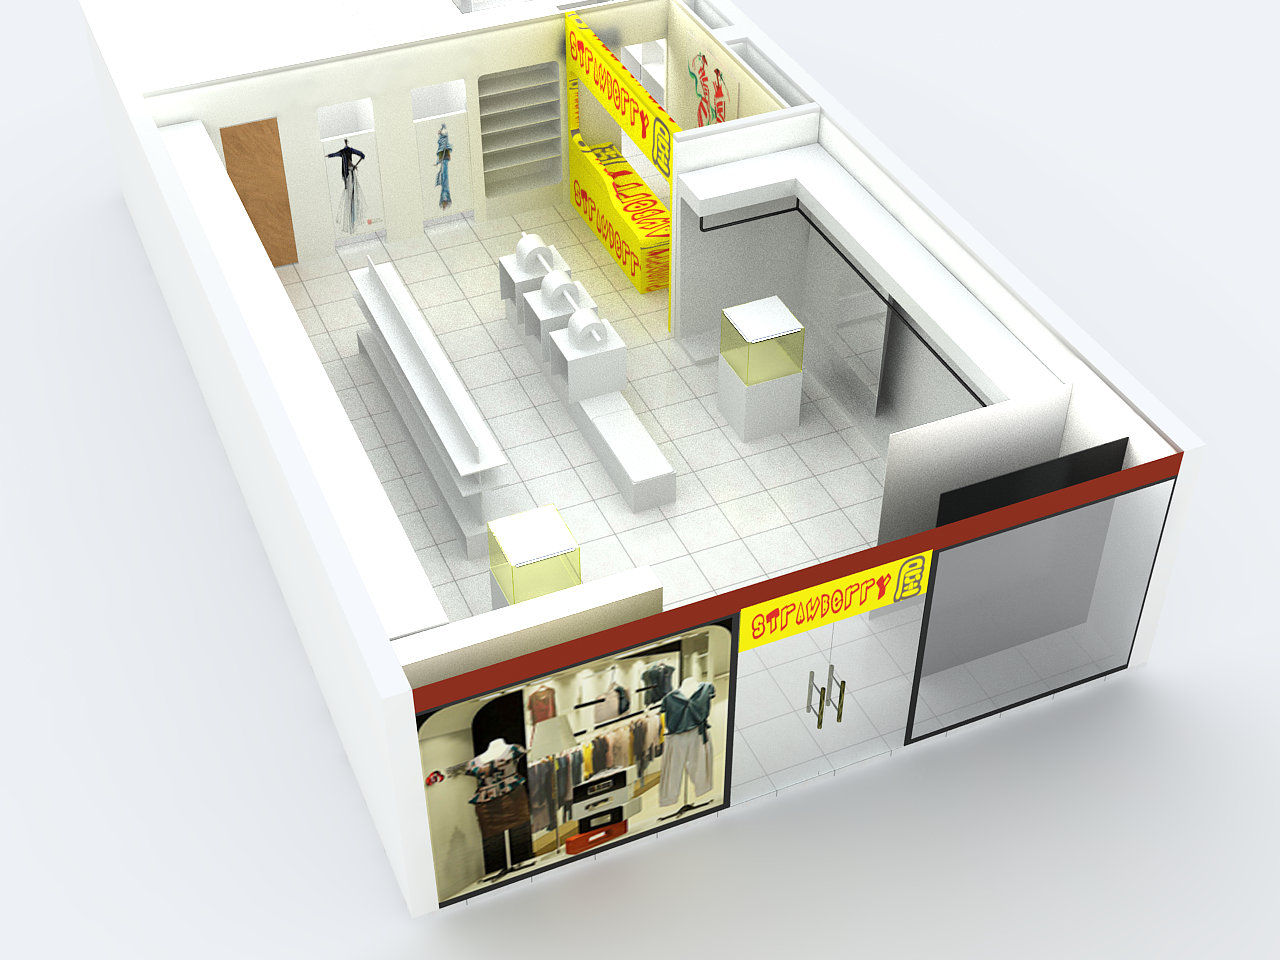 荼室店面设计产品展示柜装修效果图 – 设计本